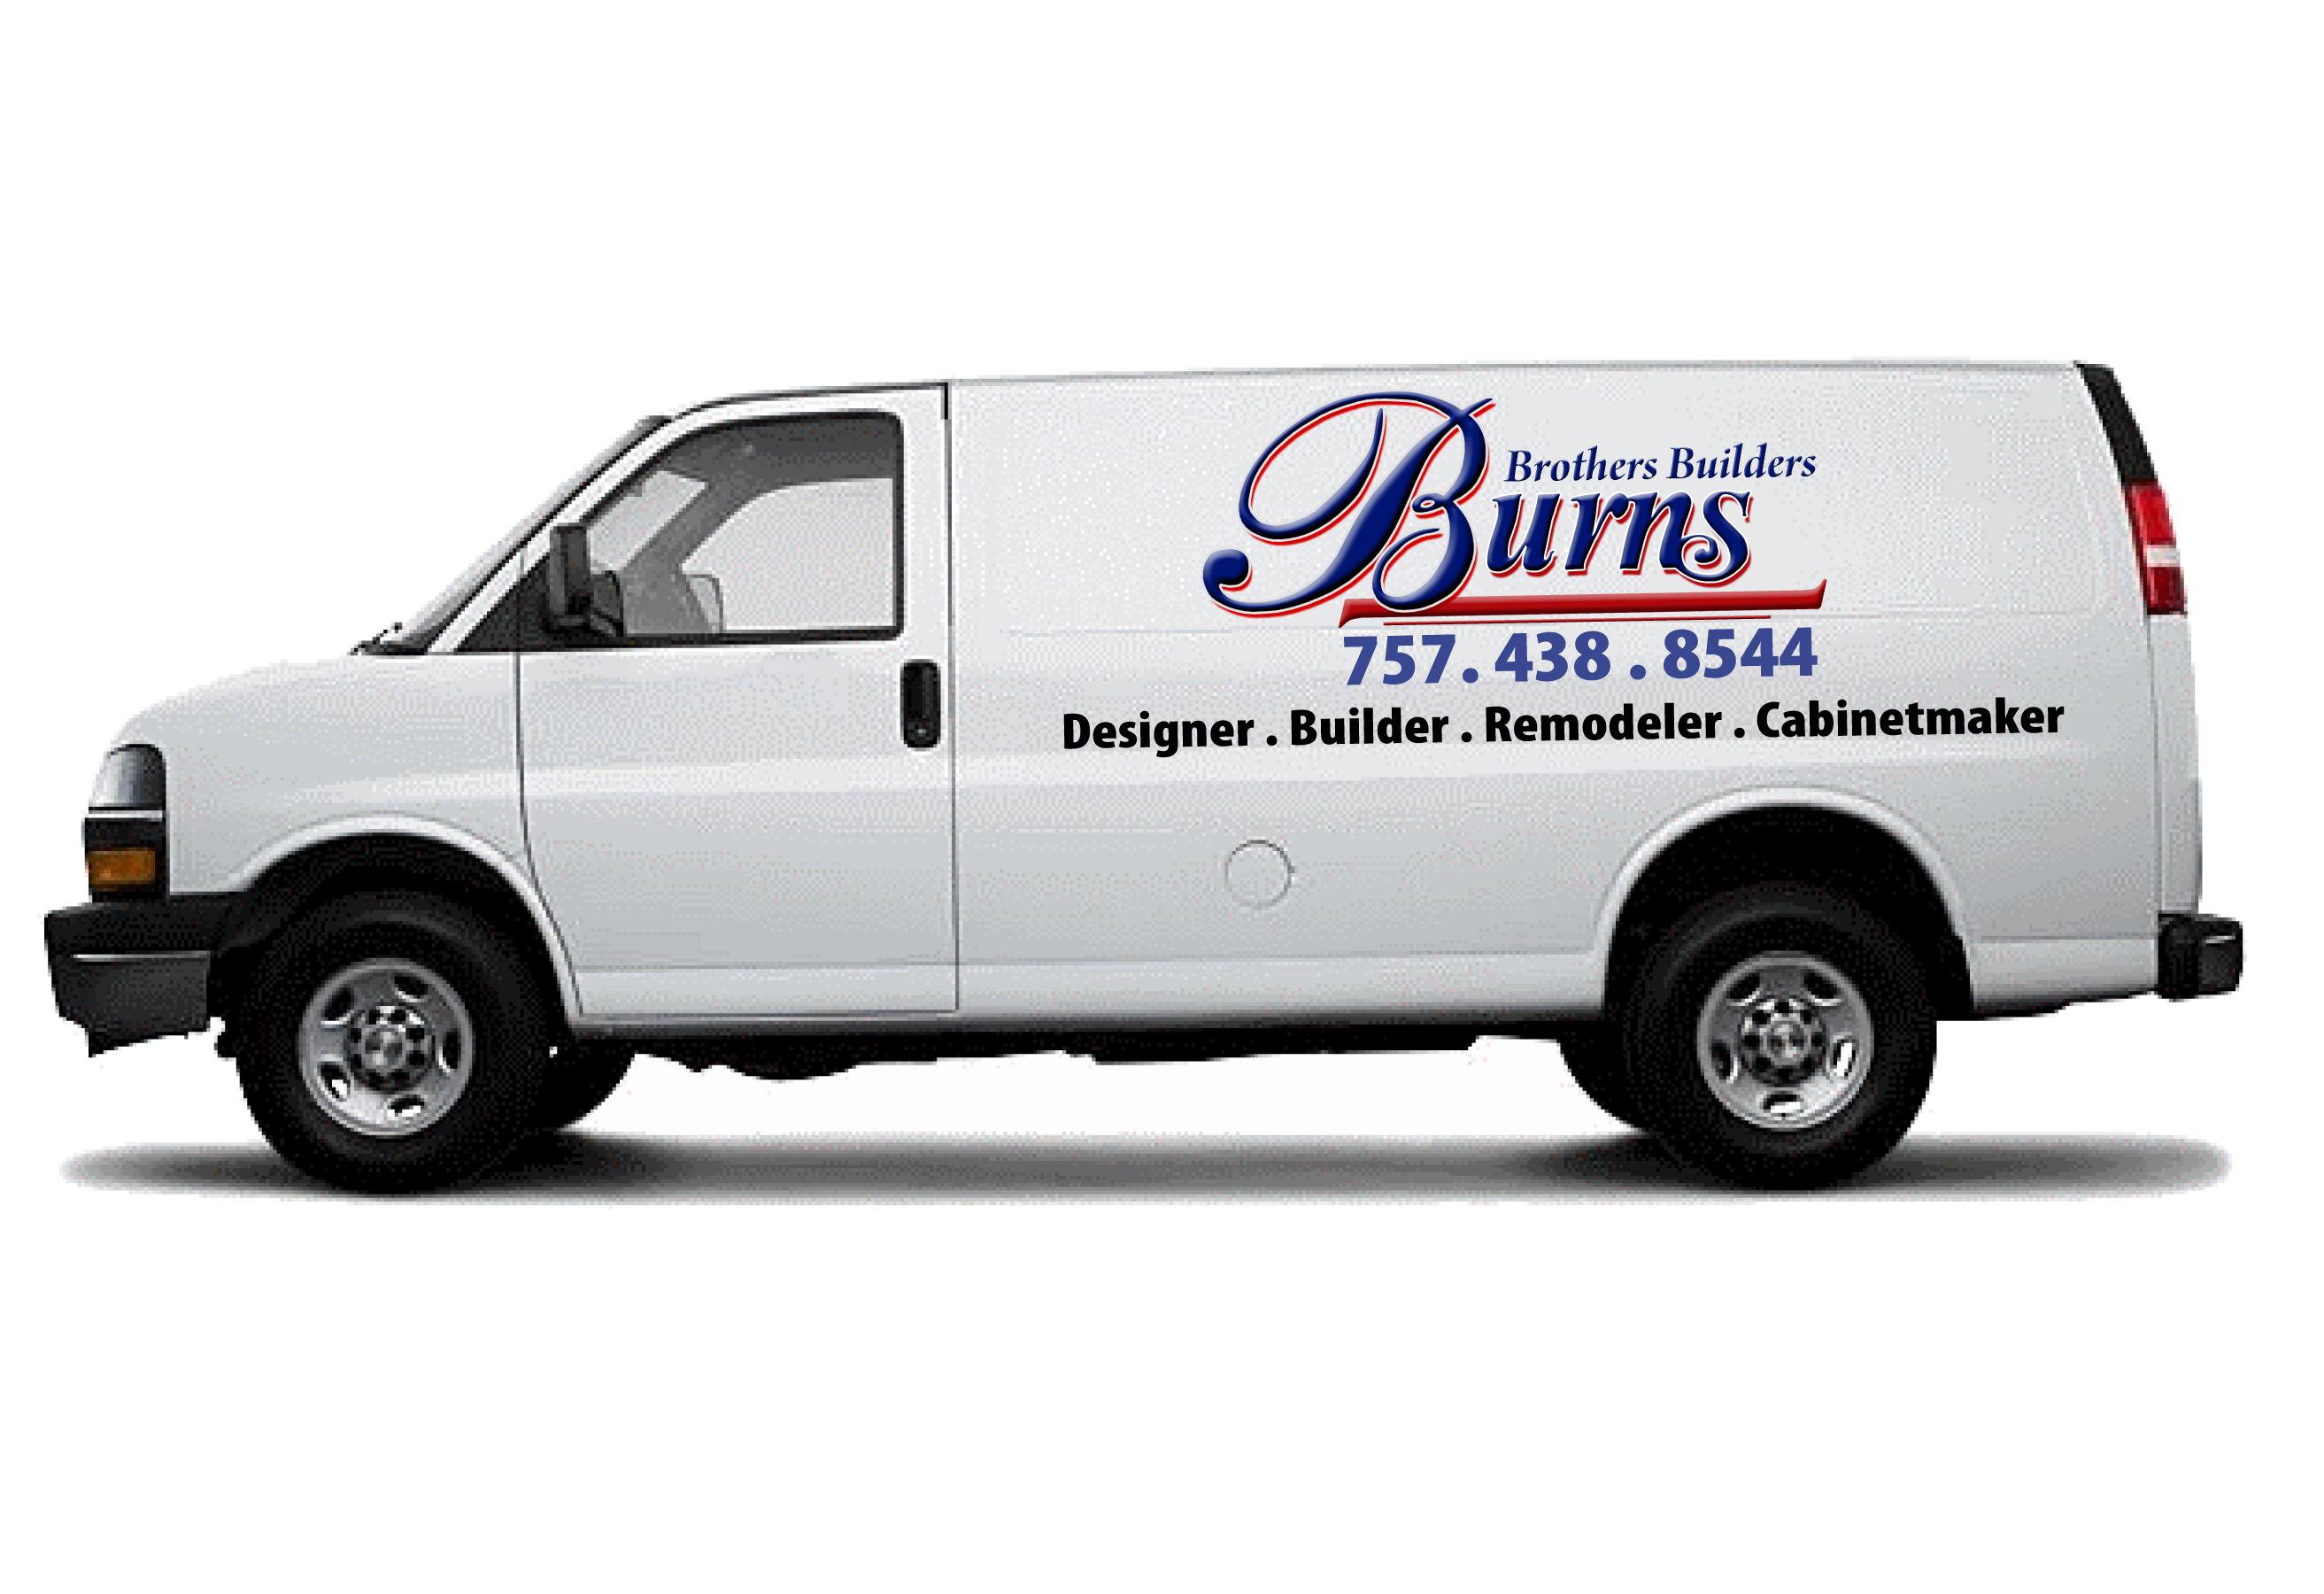 BBB van design